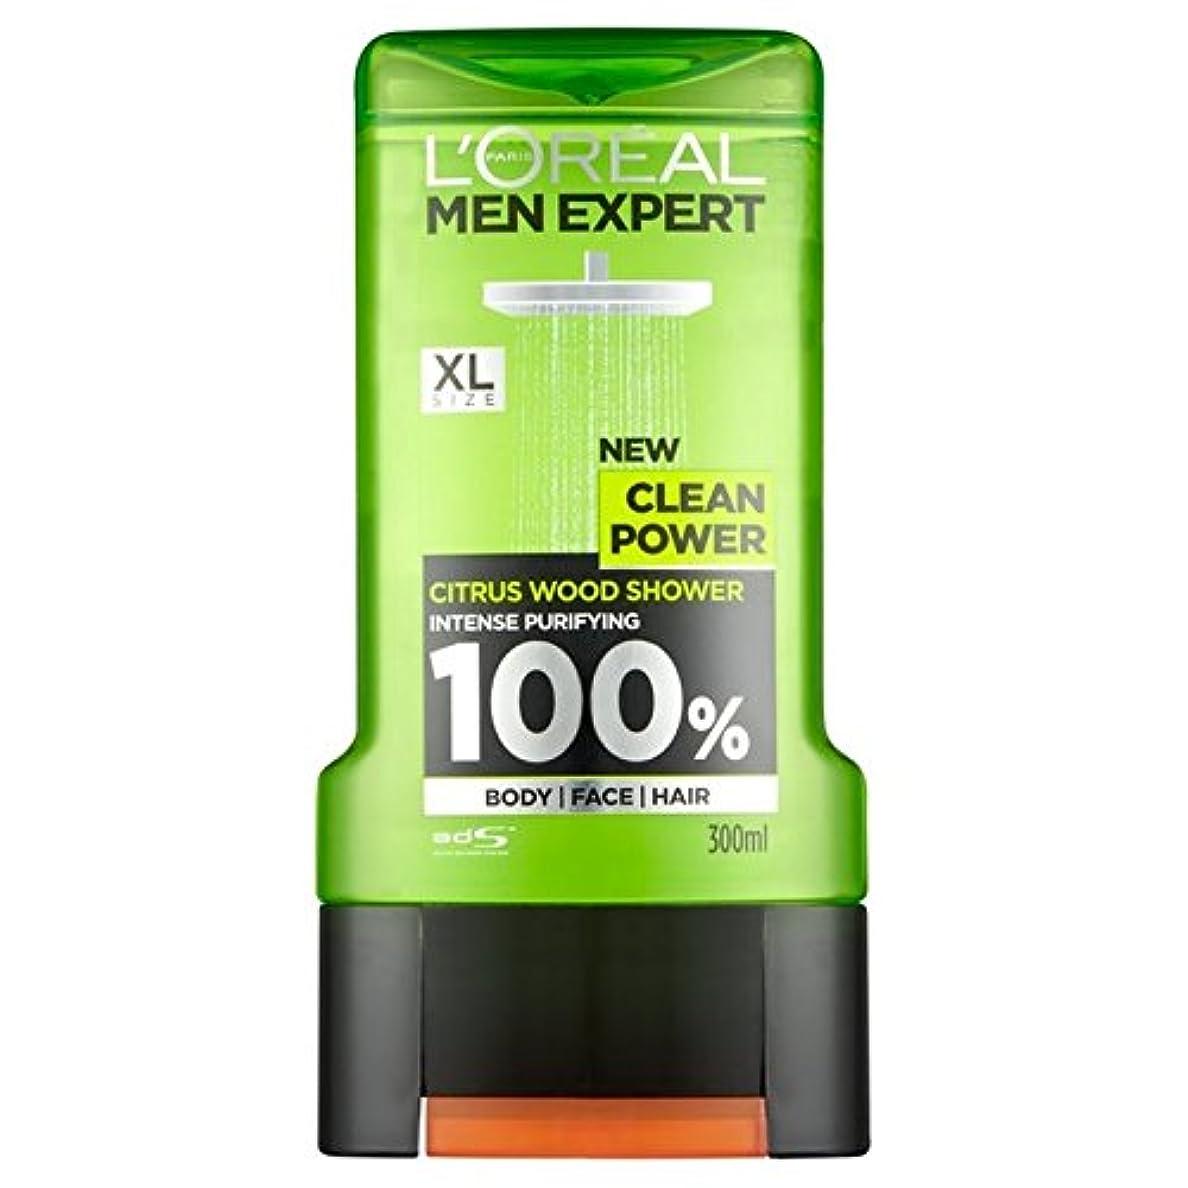 コピー時計ネブロレアルパリの男性の専門家クリーンパワーシャワージェル300ミリリットル x4 - L'Oreal Paris Men Expert Clean Power Shower Gel 300ml (Pack of 4) [並行輸入品]